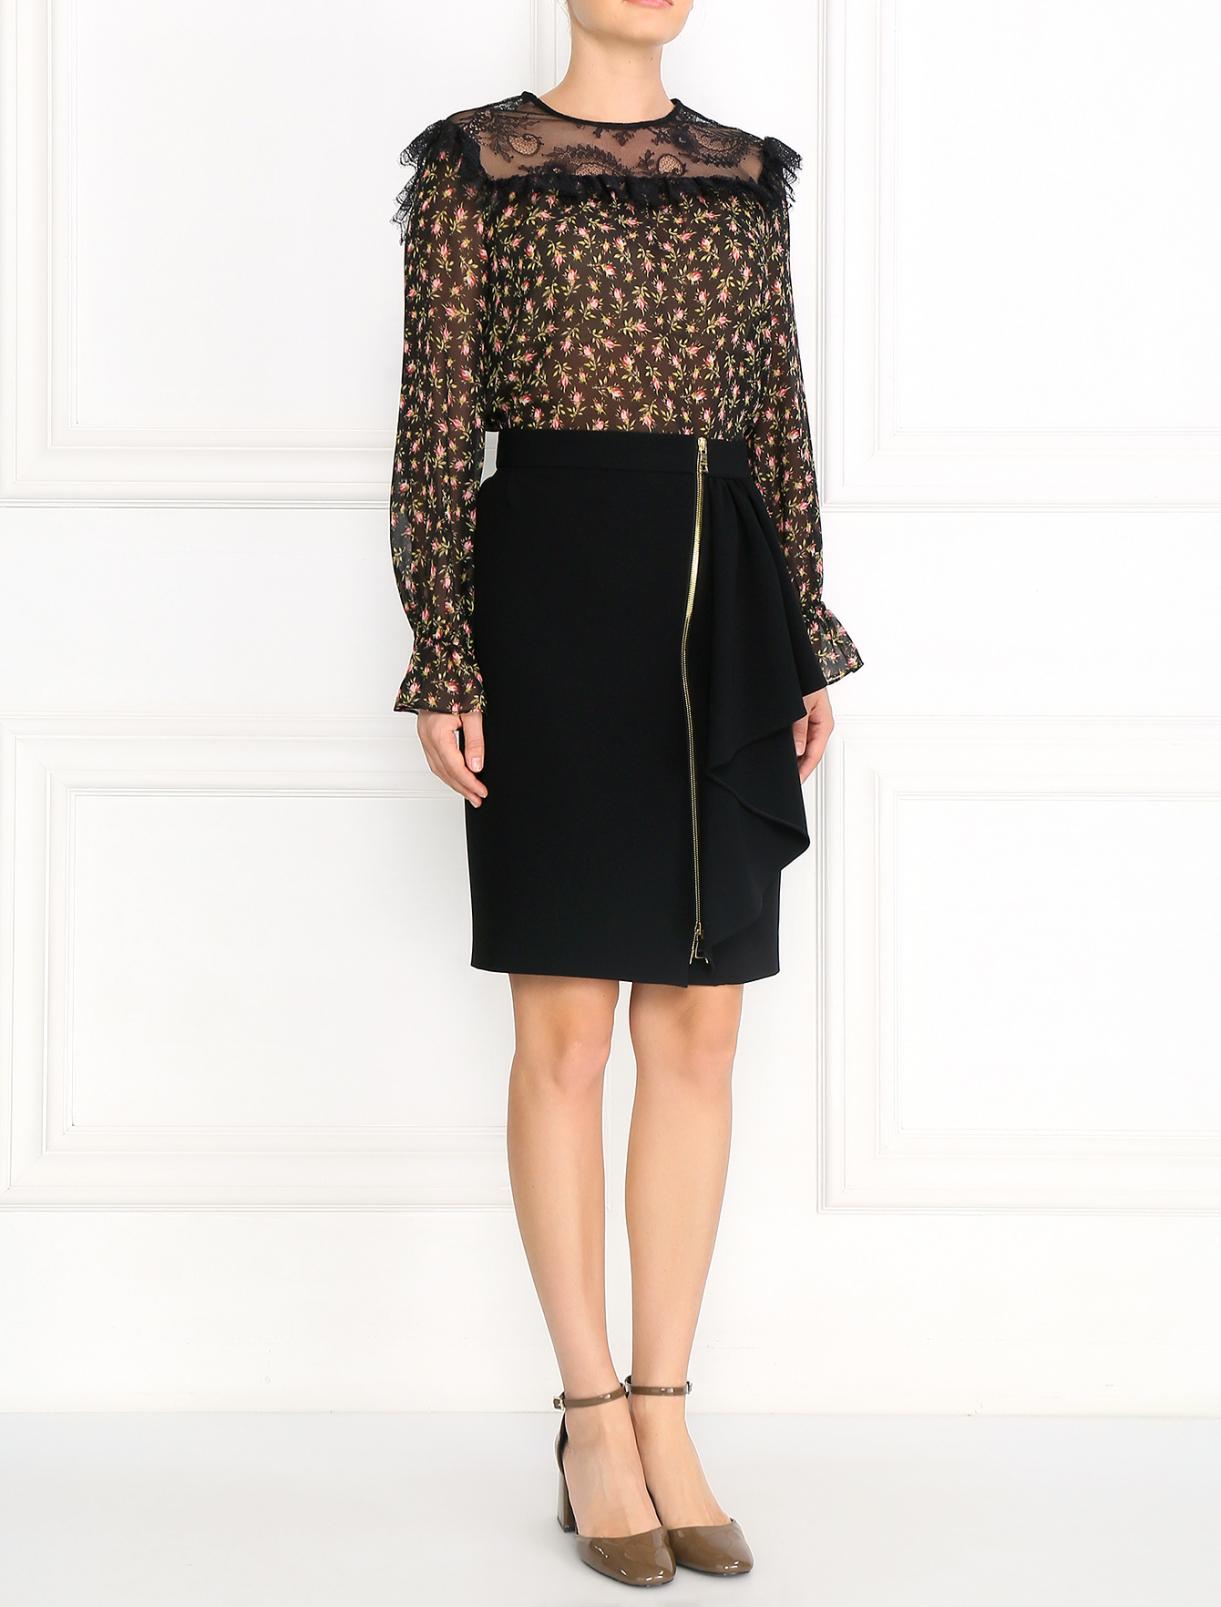 Блуза из шелка с цветочным узором и кружевной отделкой Philosophy Di Lorenzo Serafini  –  Модель Общий вид  – Цвет:  Узор